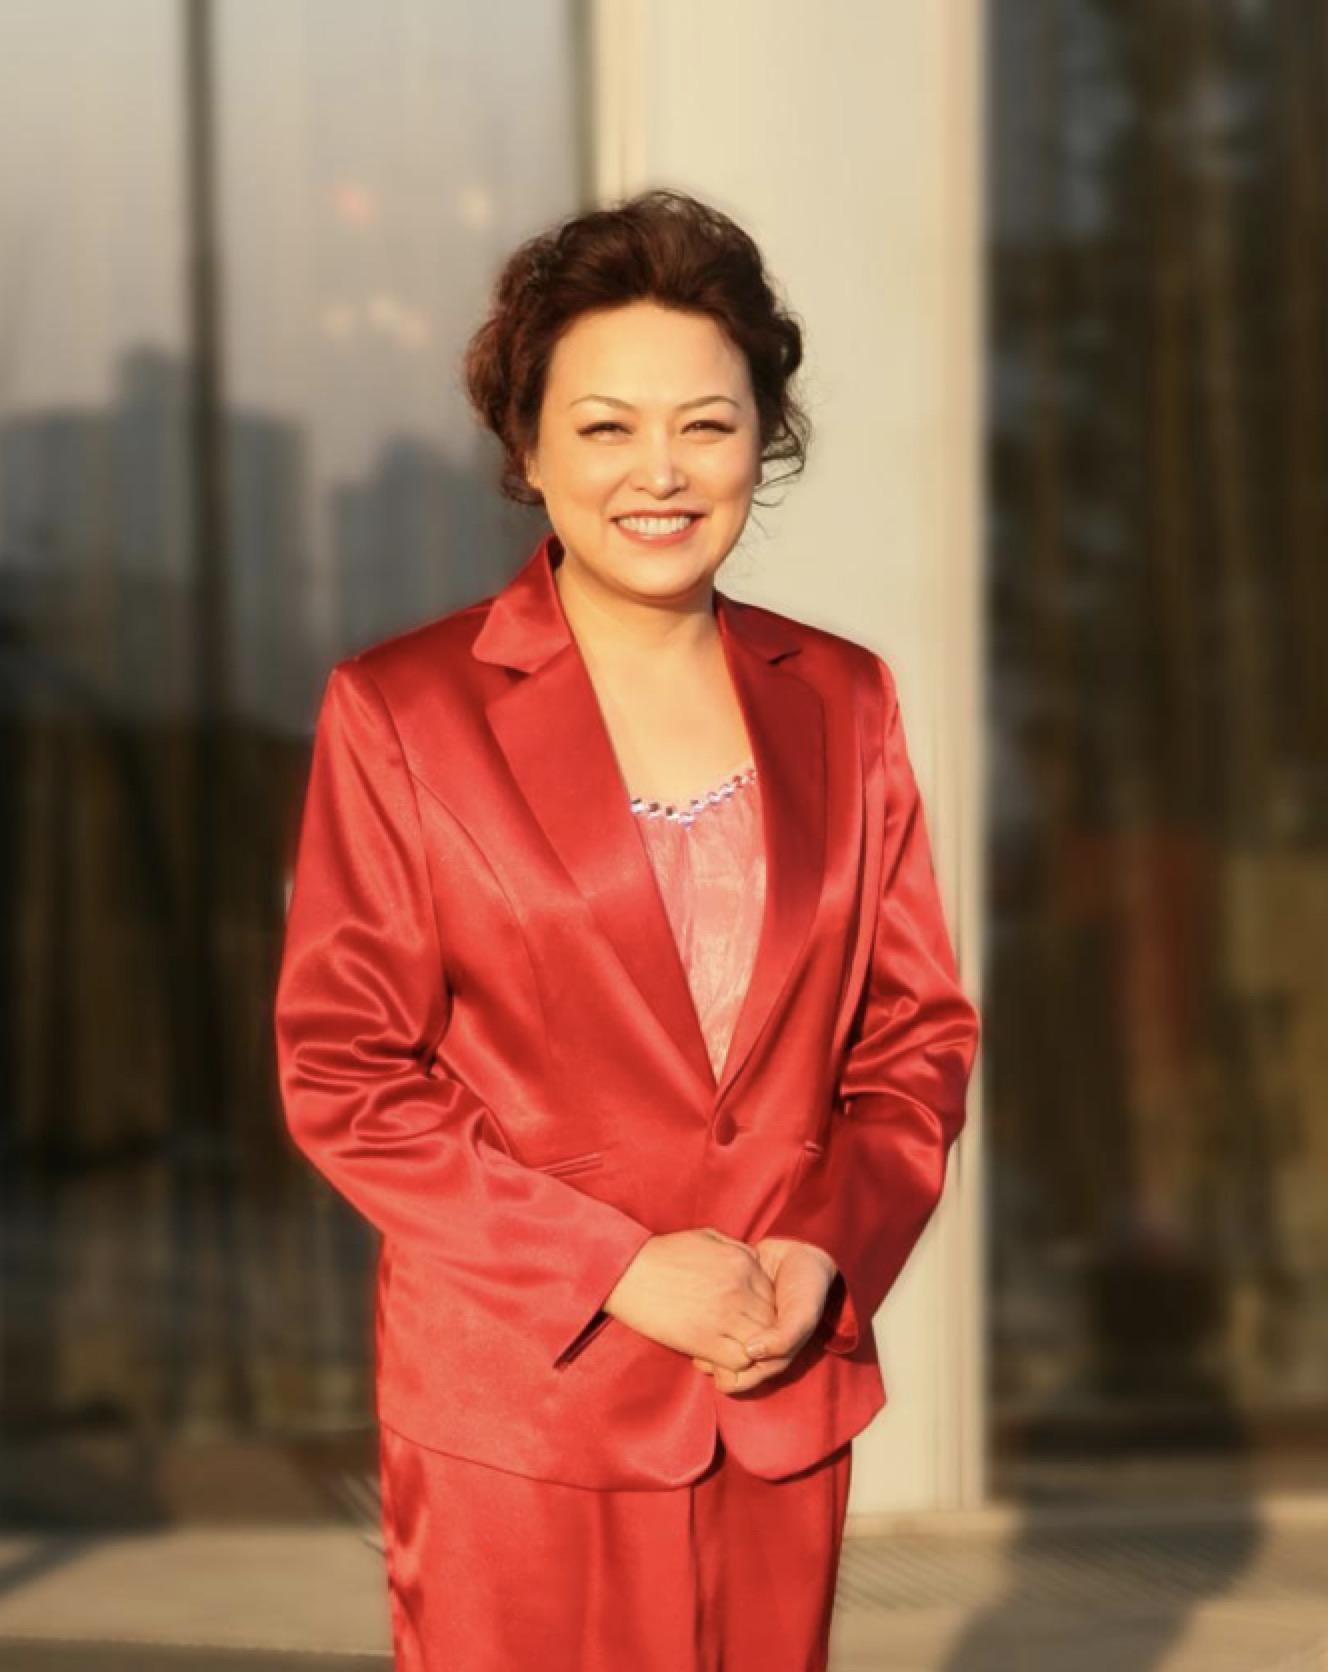 长城汽车总裁王凤英两会提案:涉及氢燃料汽车、中国品牌走出去等 【图】